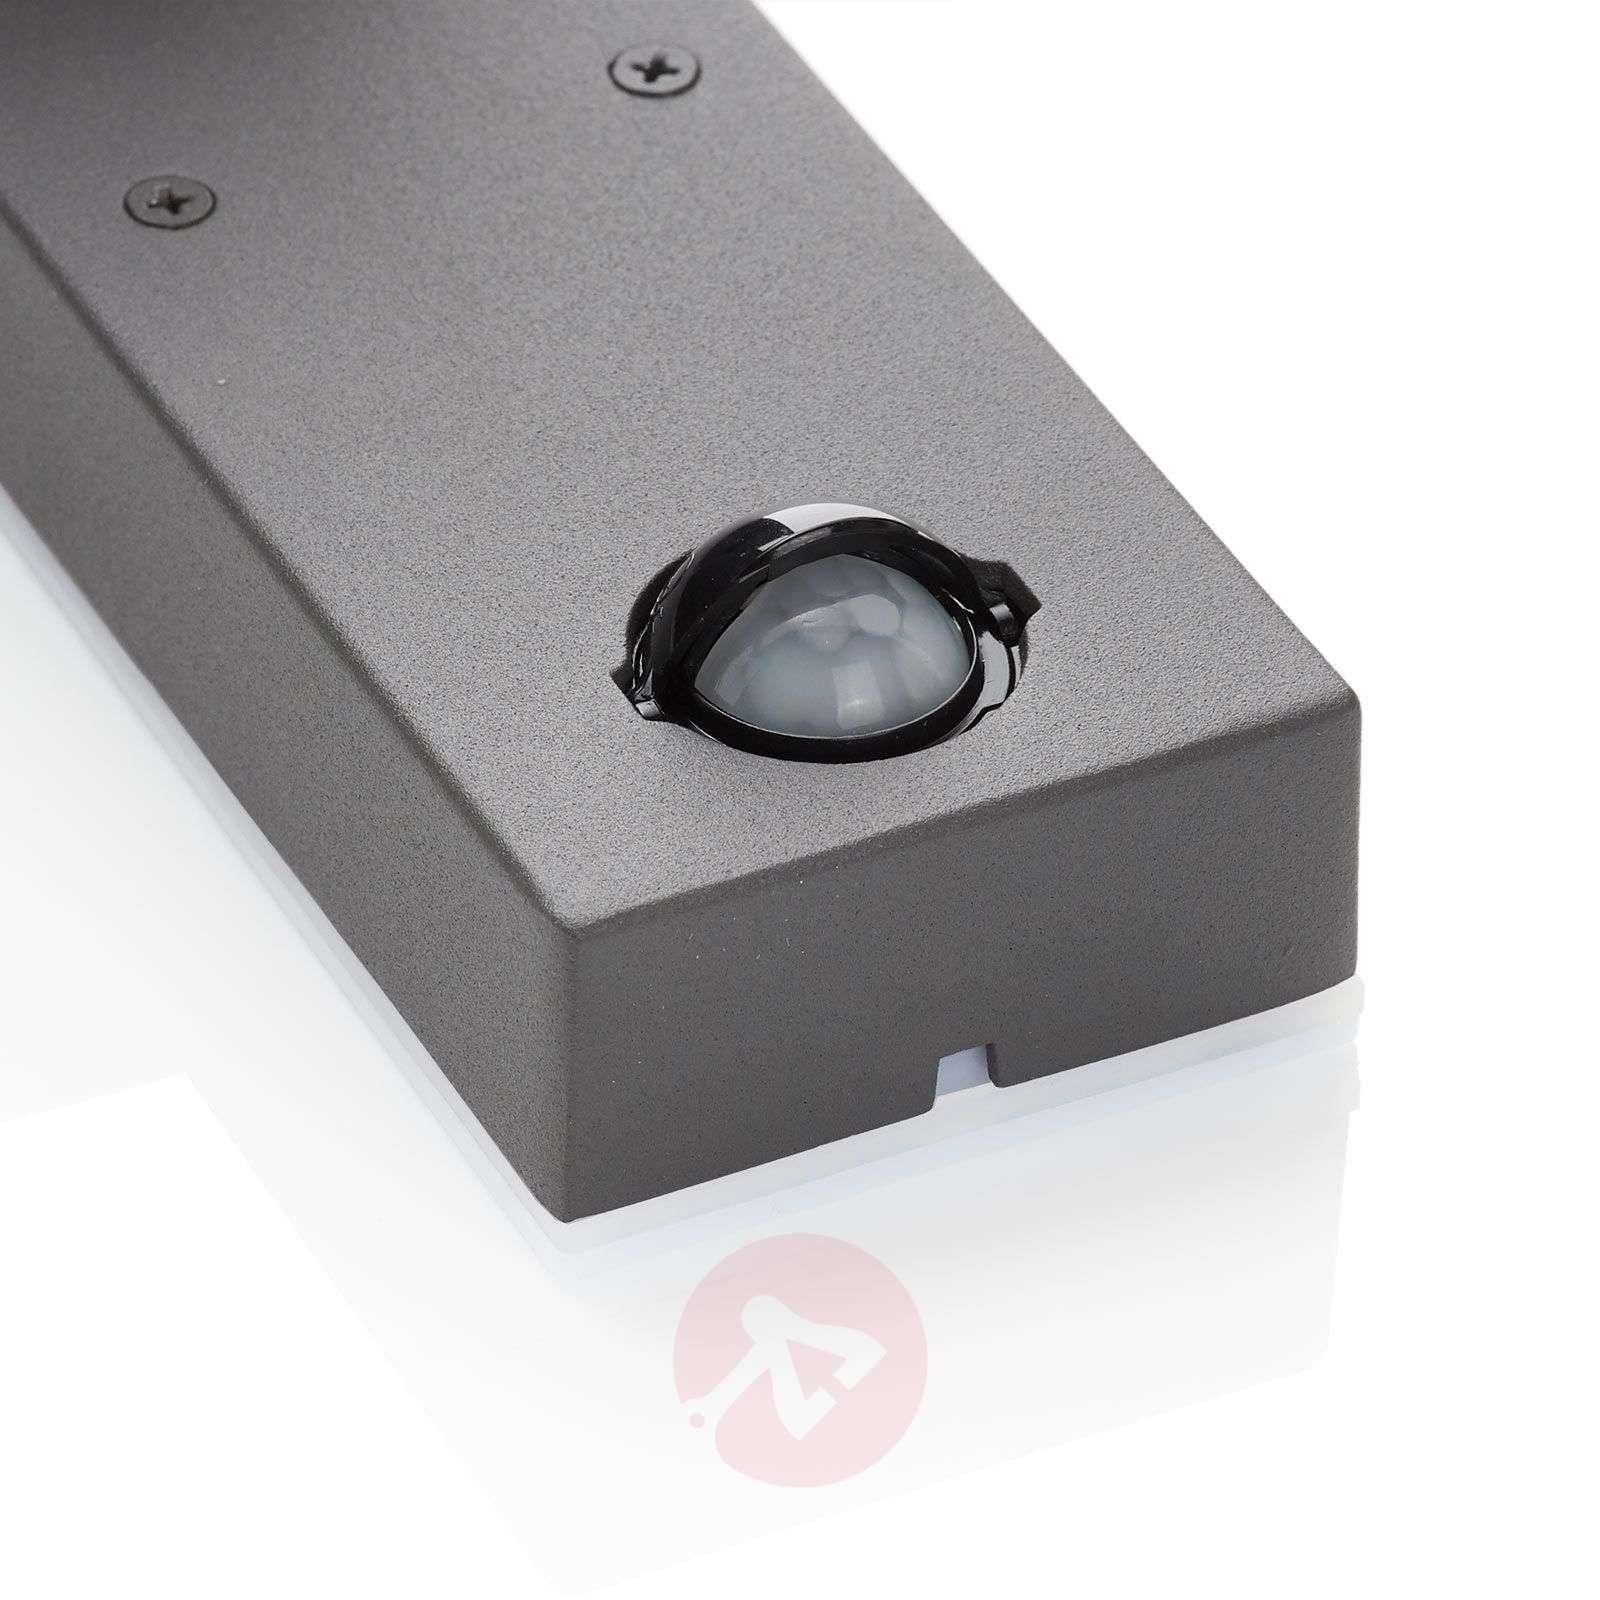 Cala LED-kohdevalaisin ulos liikeilmaisimella-1050186-01